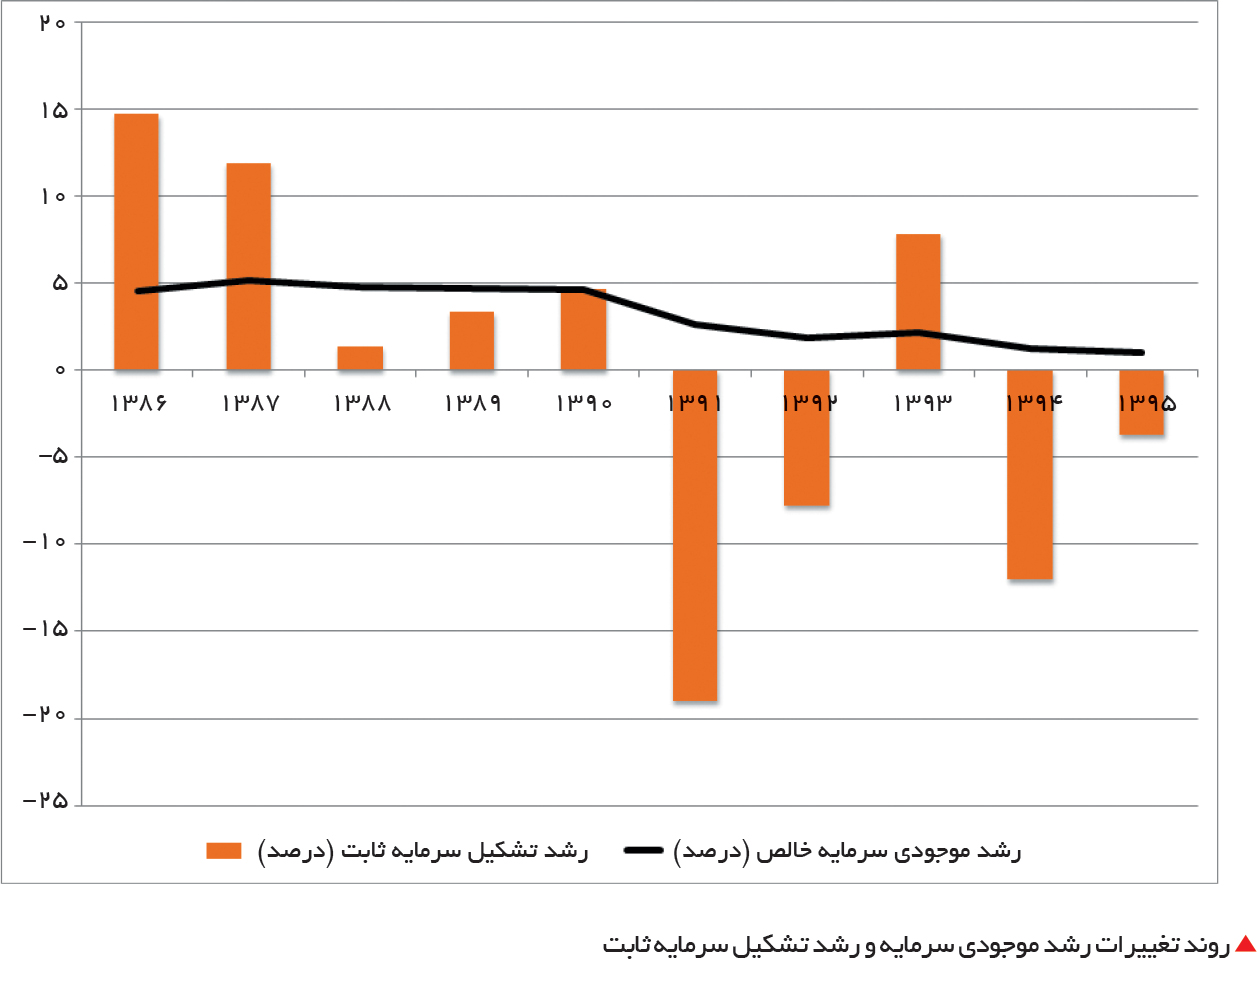 تجارت فردا- روند تغییرات رشد موجودی سرمایه و رشد تشکیل سرمایه ثابت